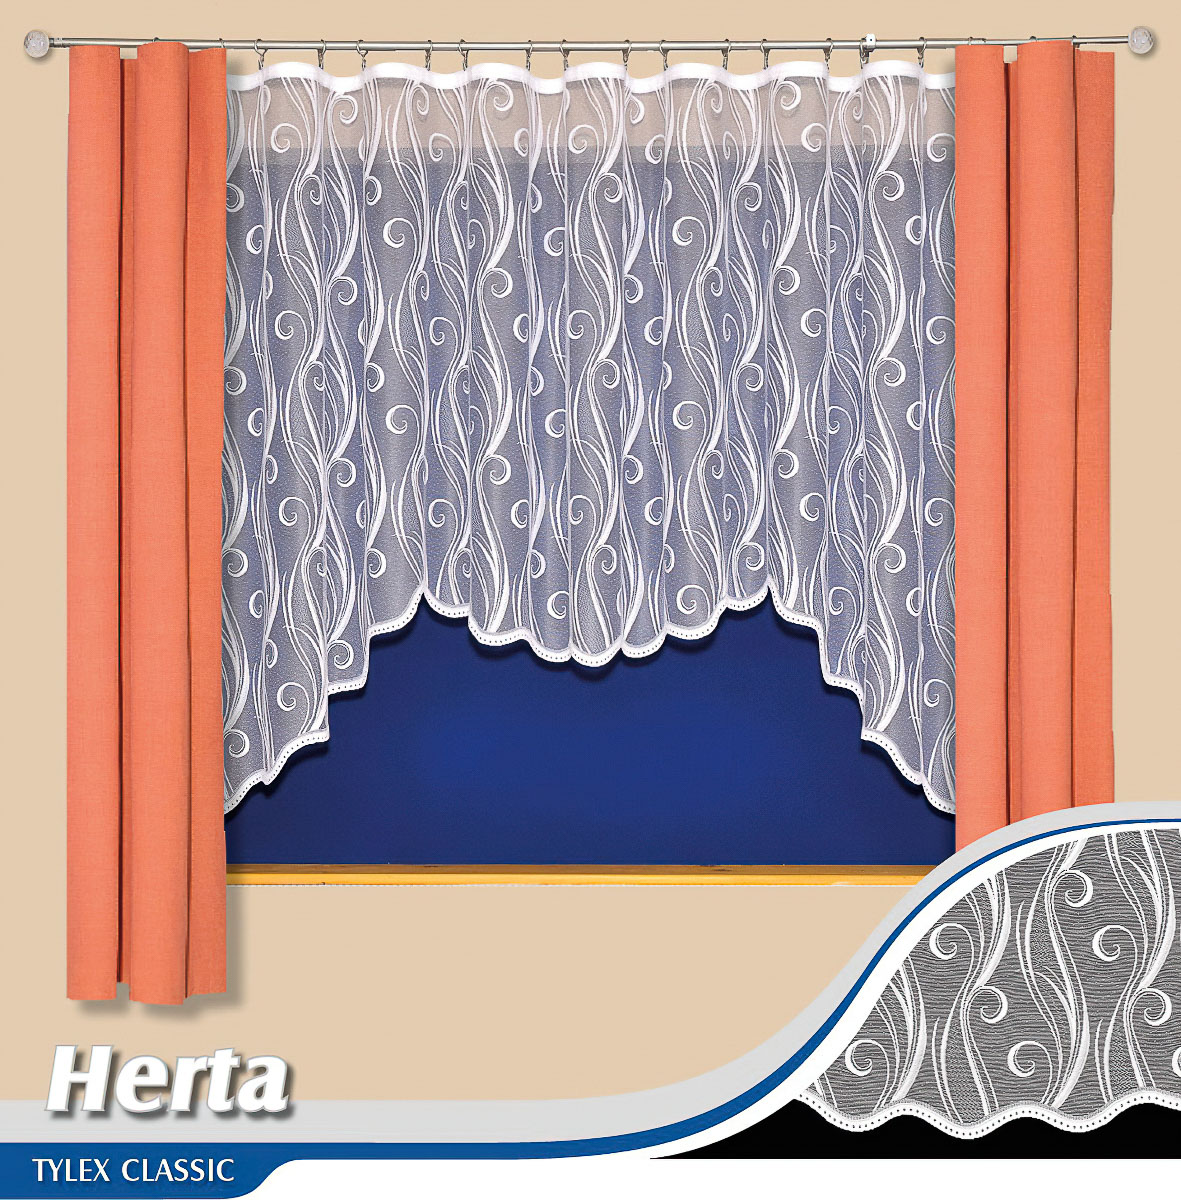 Tylex kusová záclona HERTA jednobarevná bílá, výška 160 cm x šířka 300 cm (na okno)